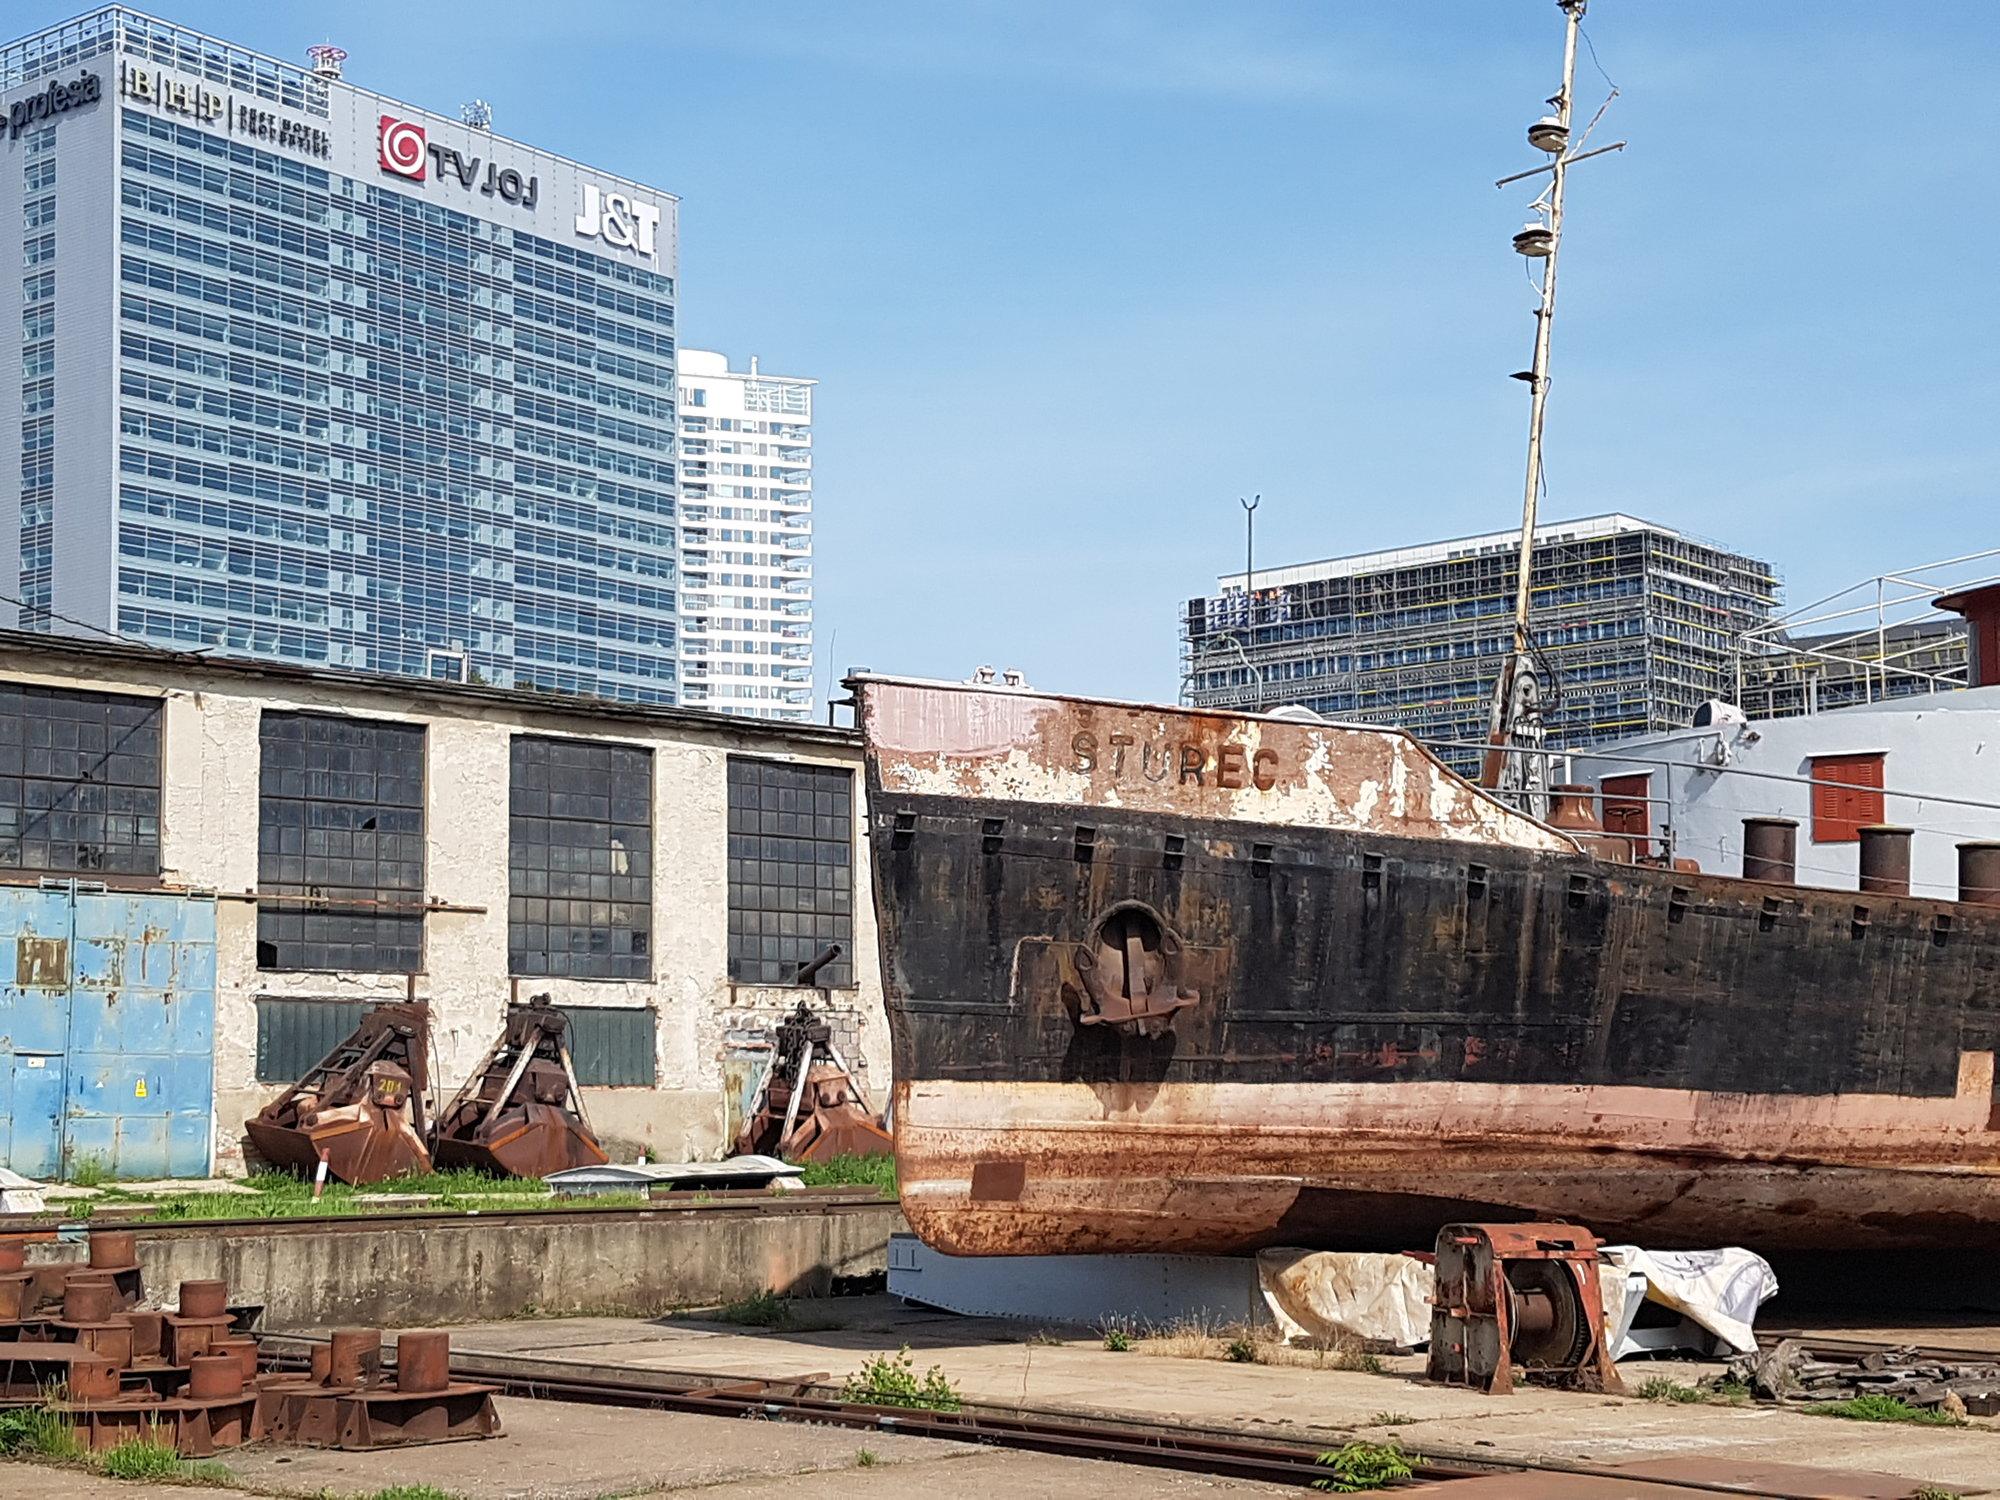 Remorkér Šturec a výstavba okolo prístavu